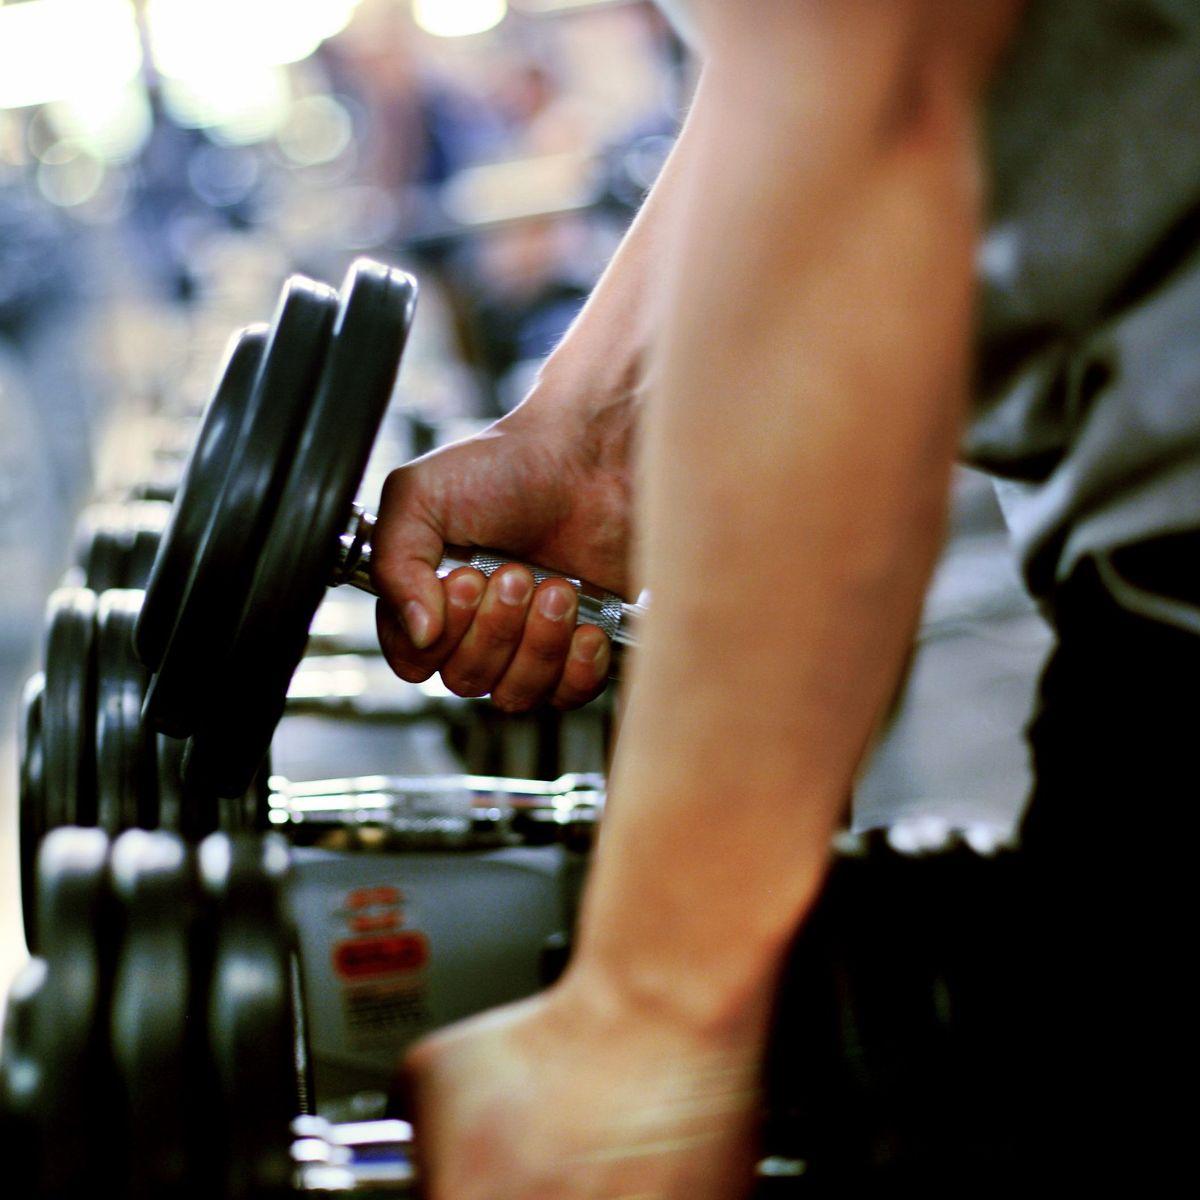 wie schnell kann man abnehmen im fitnessstudio